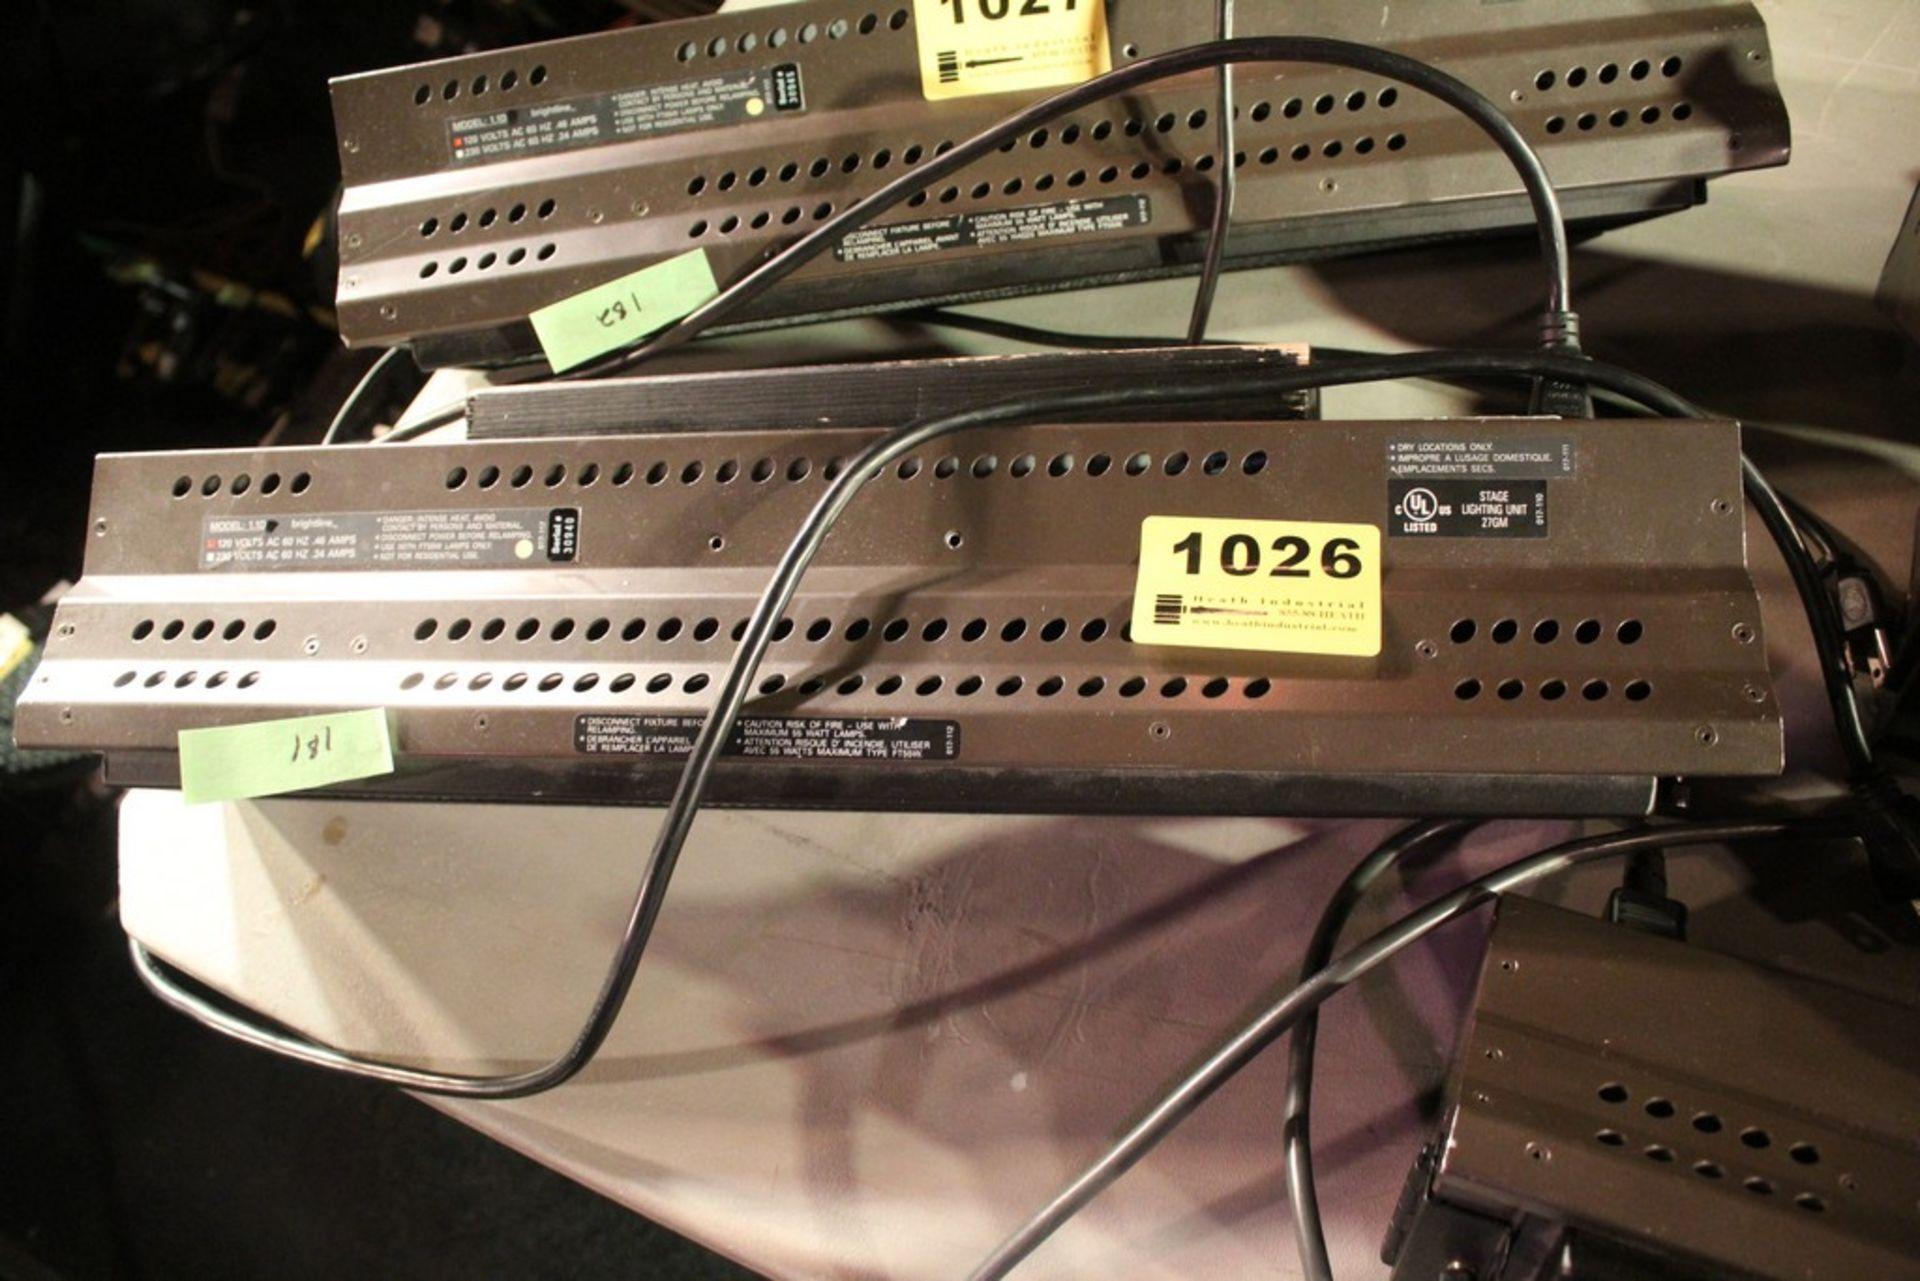 Lot 1026 - BRIGHTLINE MODEL 1.1D 10 AMP STAGE LIGHT SERIES 1 DMX LIGHT